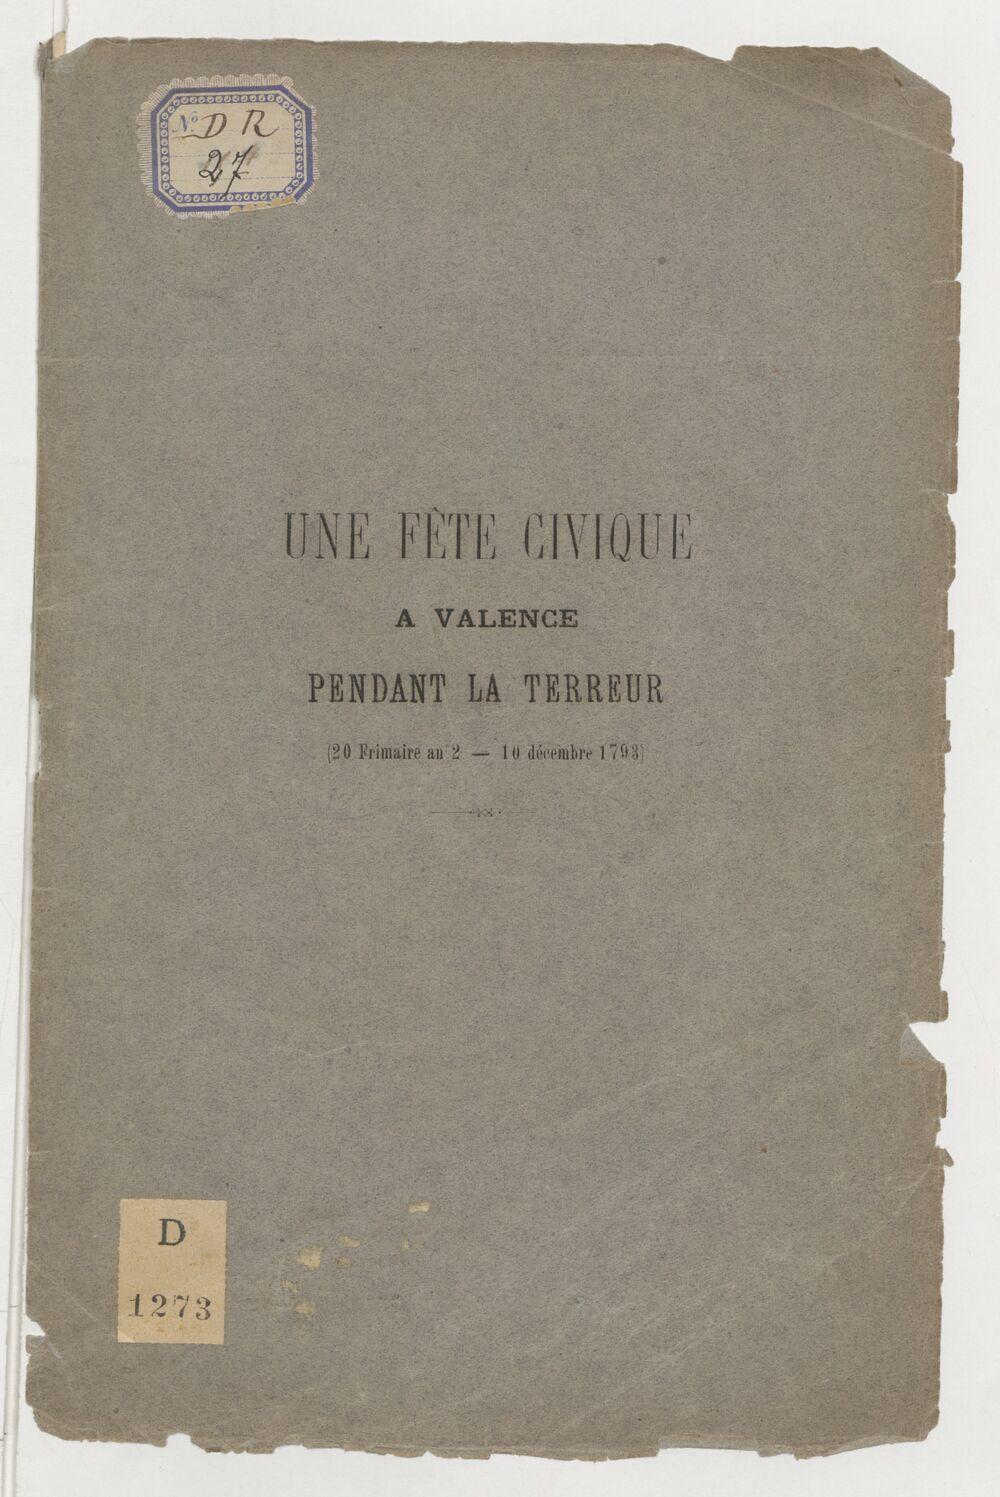 Une fête a [sic] Valence pendant la Terreur. (20 frimaire an 2 - 10 décembre 1793) / Ad. Rochas